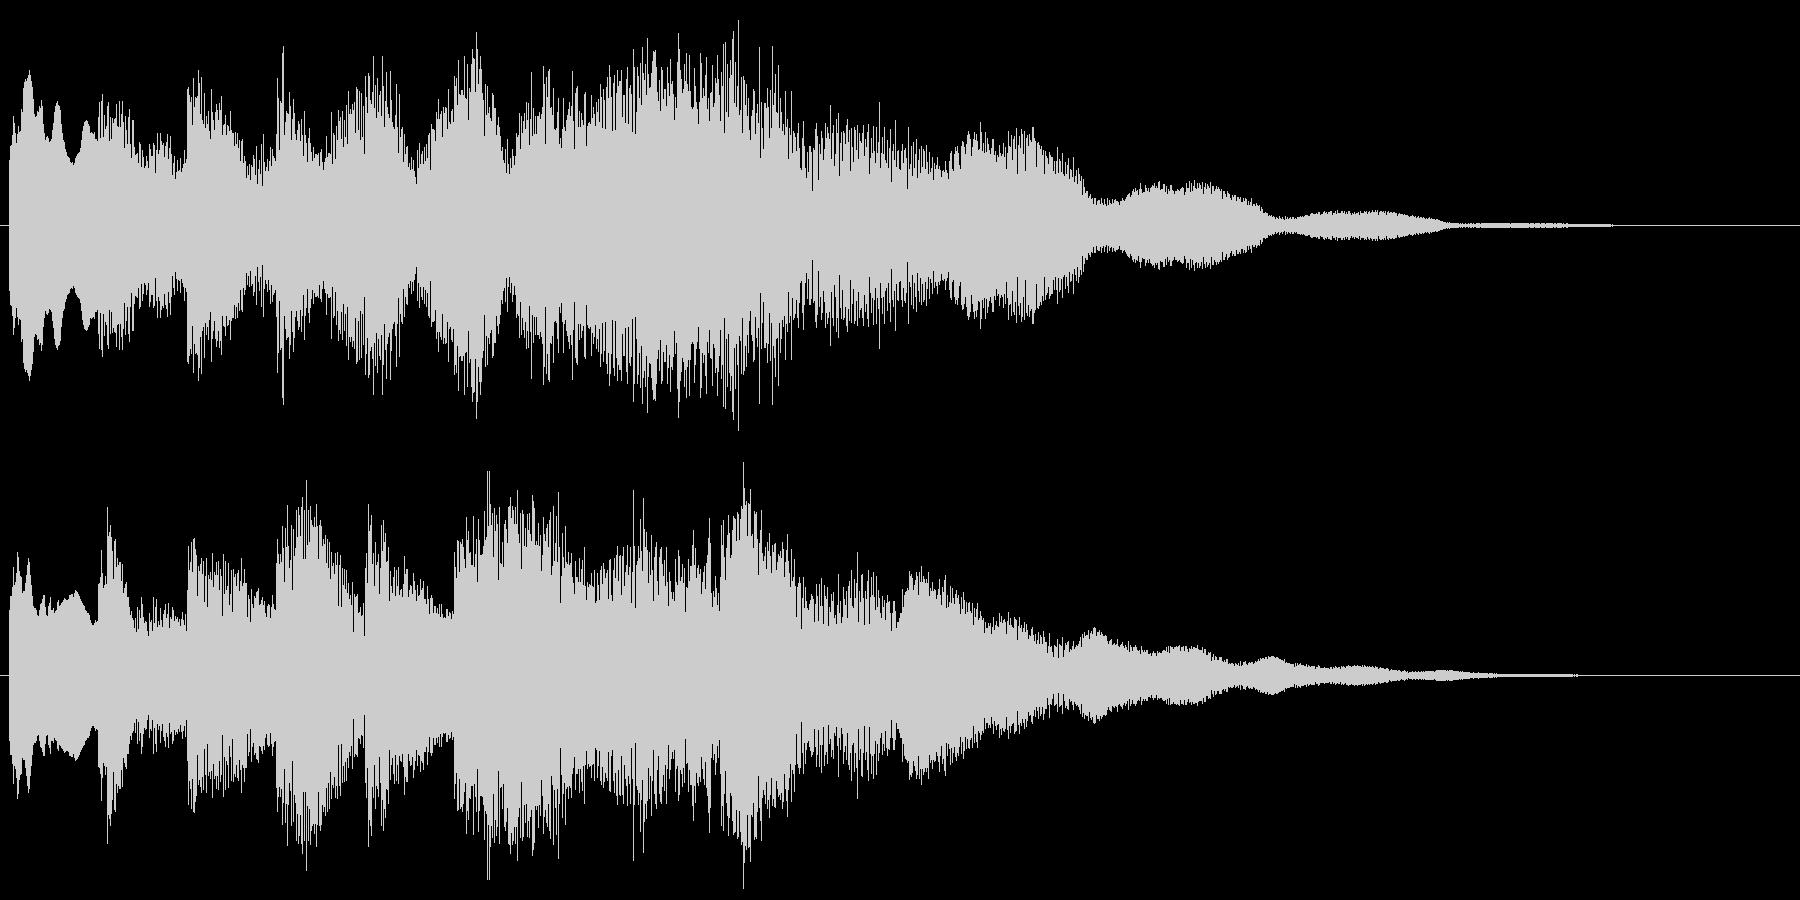 澄んだ響き、冷たい感じの転回音 場面転換の未再生の波形